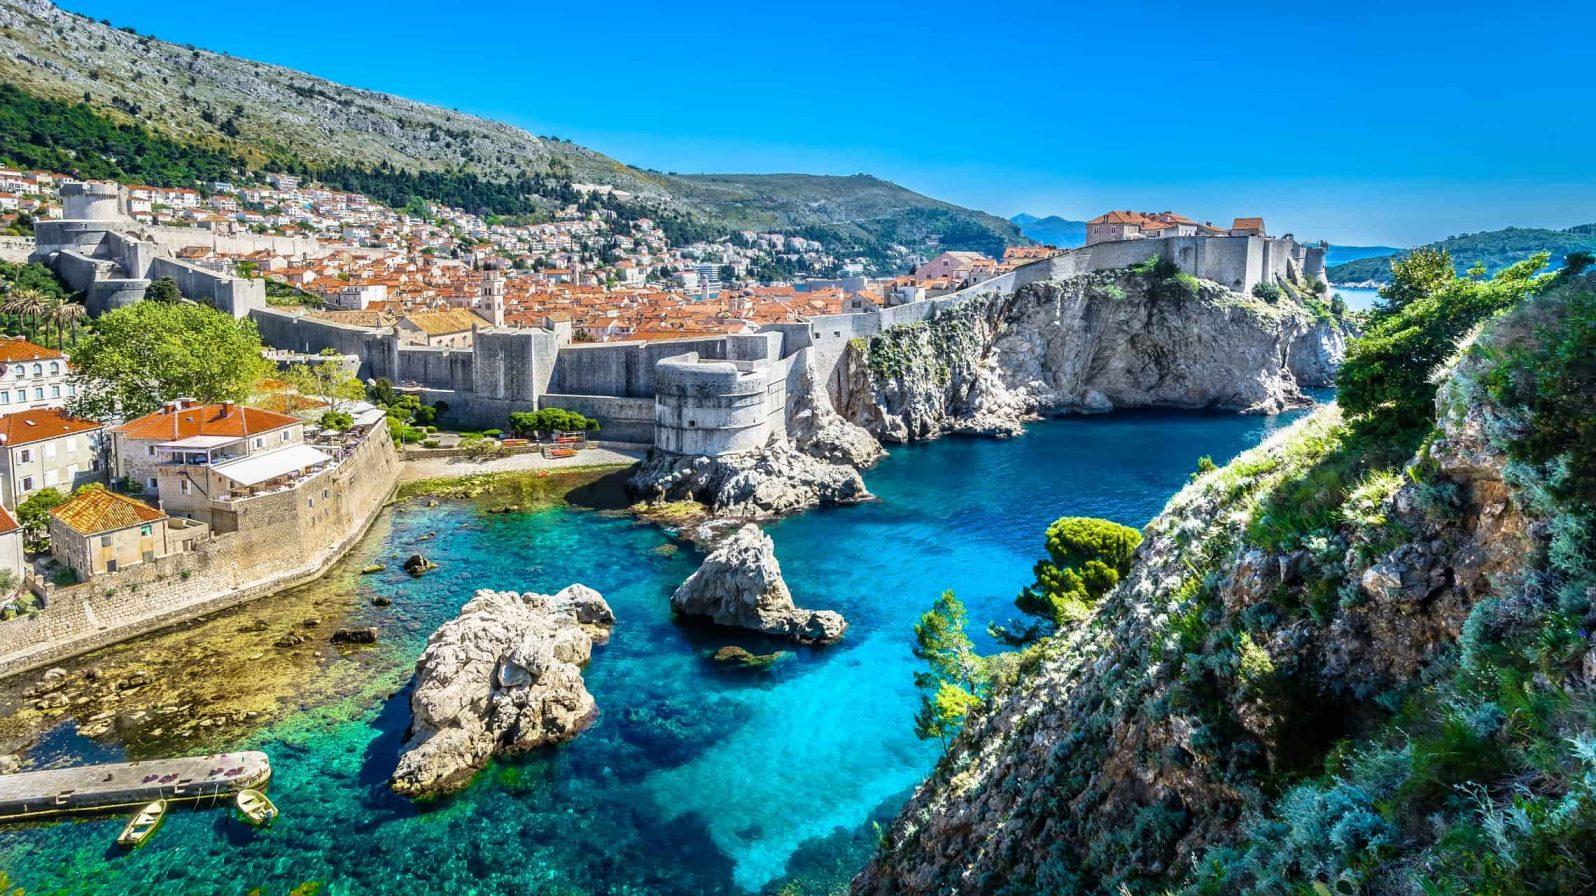 Dubrovnikin-vanha-kaupunki-Kroatia-1596x896.jpeg